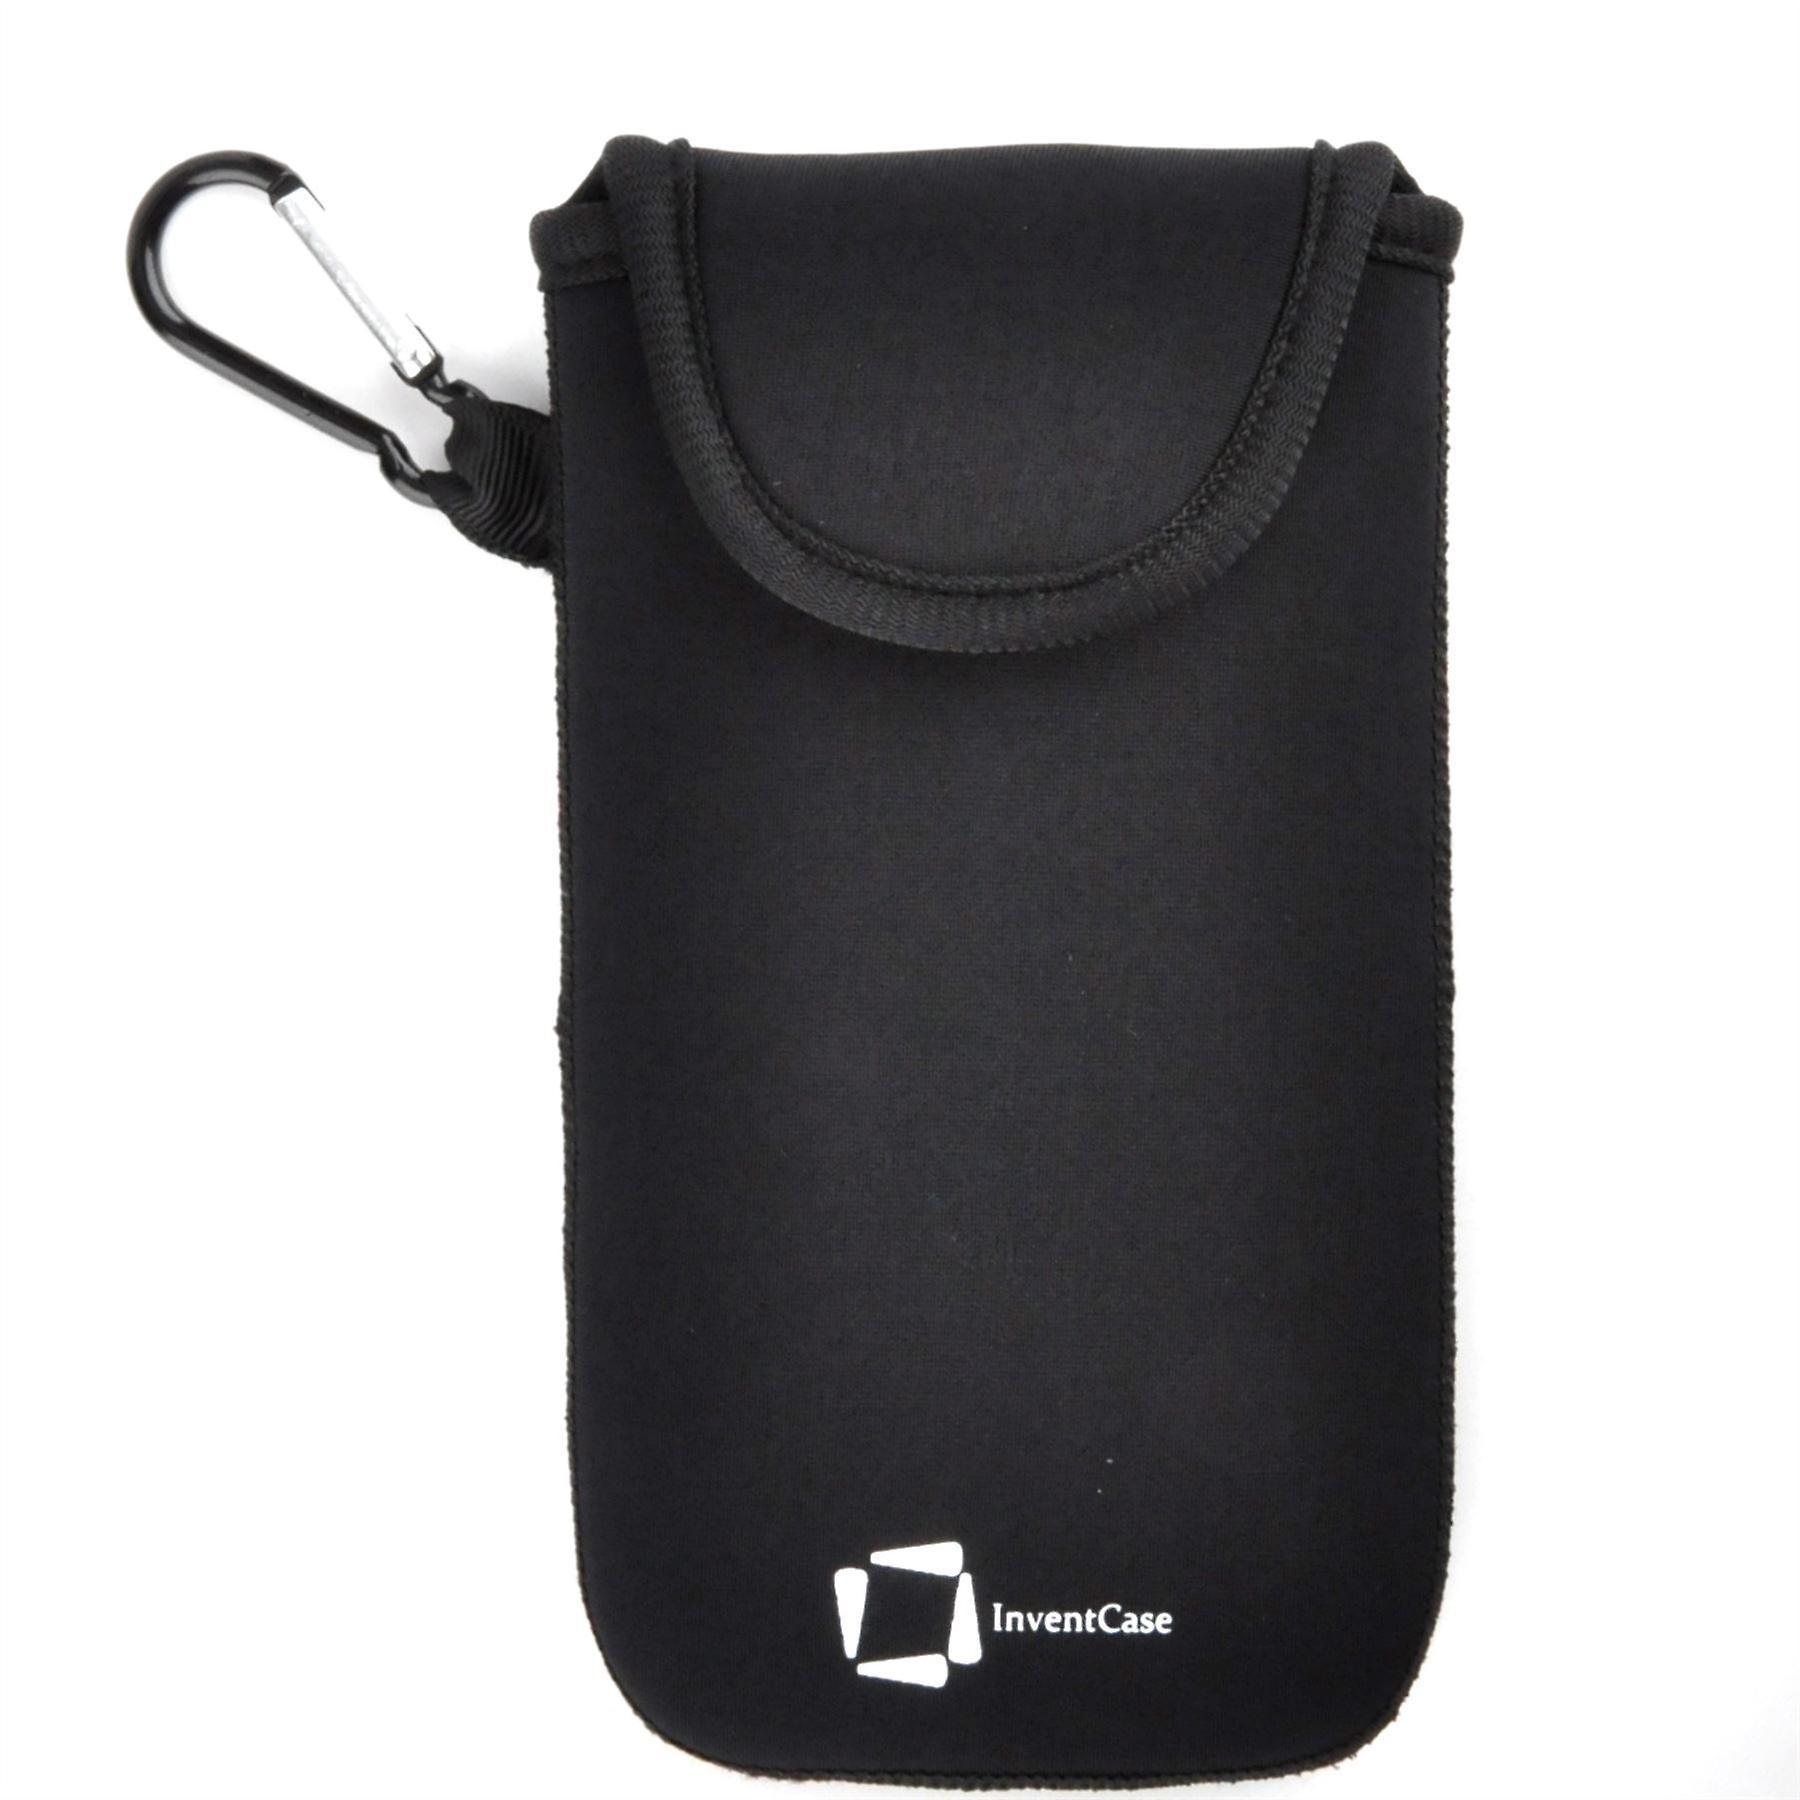 أعرب النيوبرين إينفينتكاسي الحقيبة واقية مقاومة لتأثير حالة الغطاء حقيبة مع الإغلاق Velcro والألمنيوم Carabiner على سامسونج جالاكسى 3-أسود